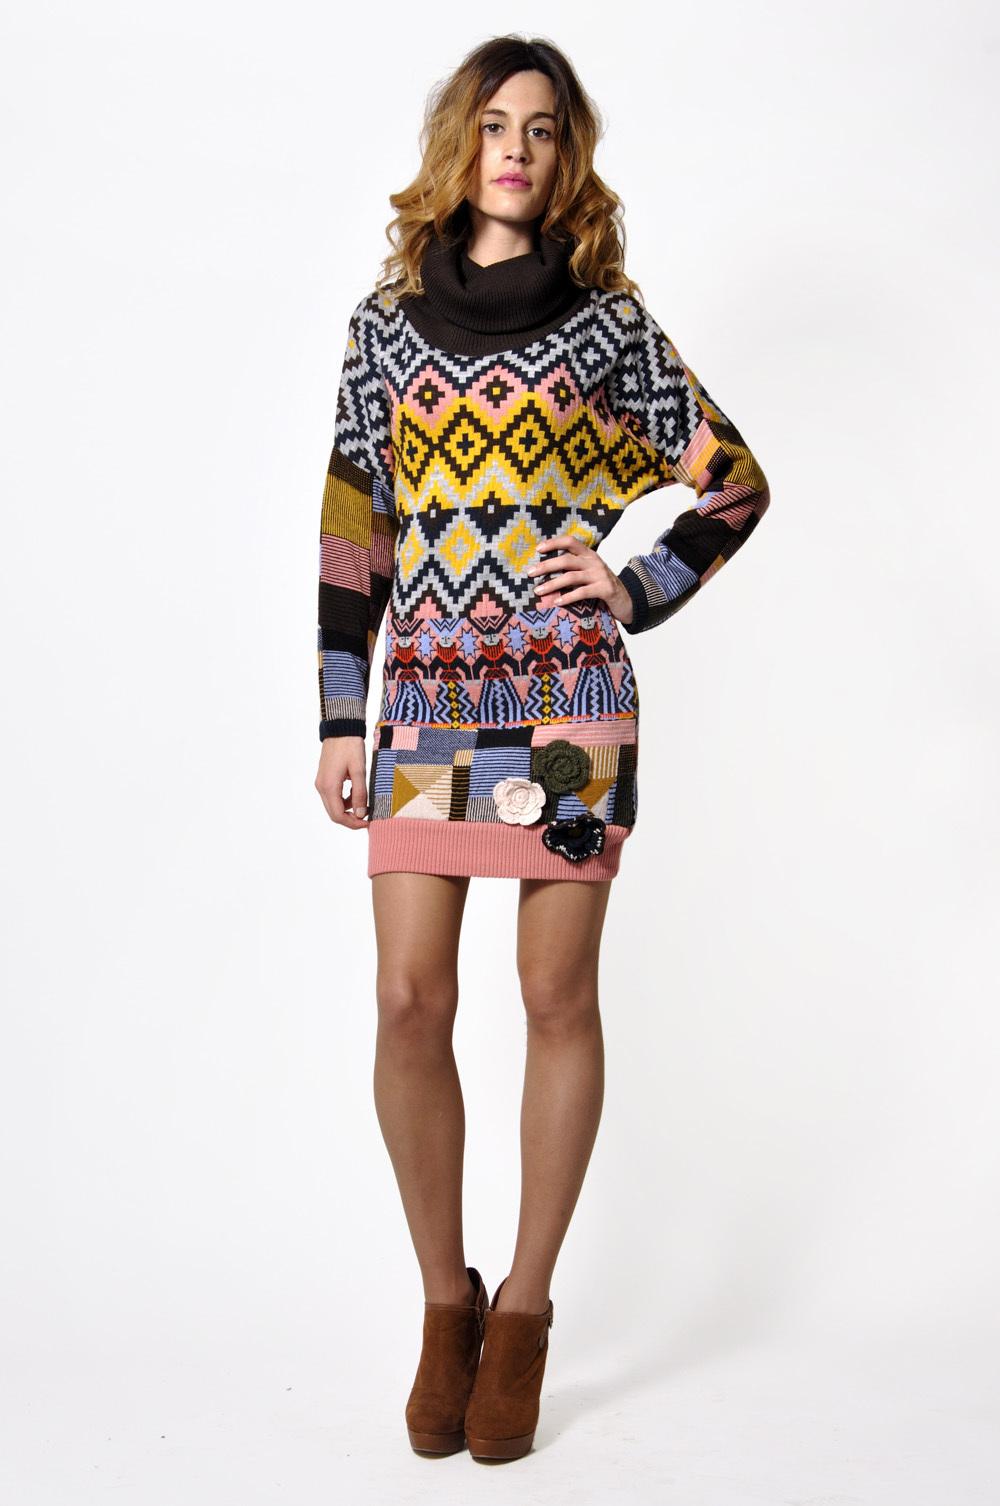 Savage Culture: Cashmere Odelia Sweater Dress (1 Left!)